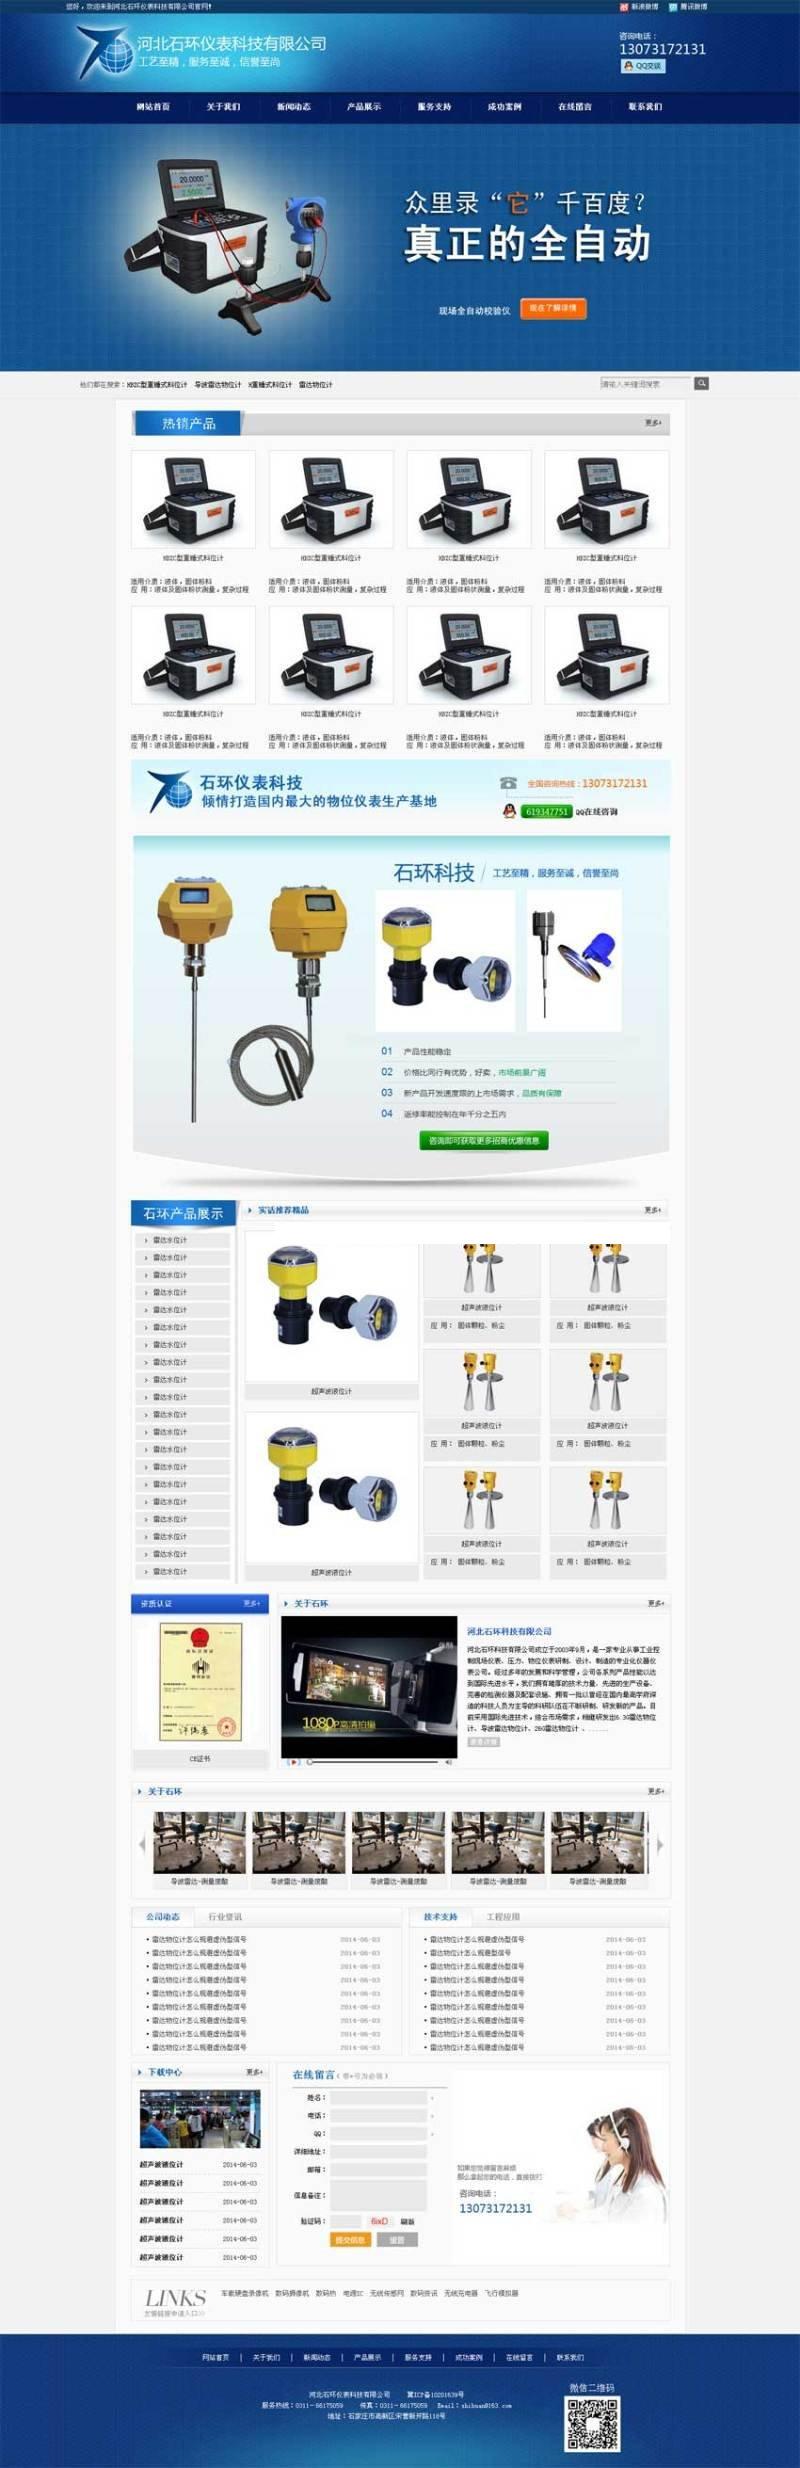 蓝色的科技产品类企业网站模板html下载